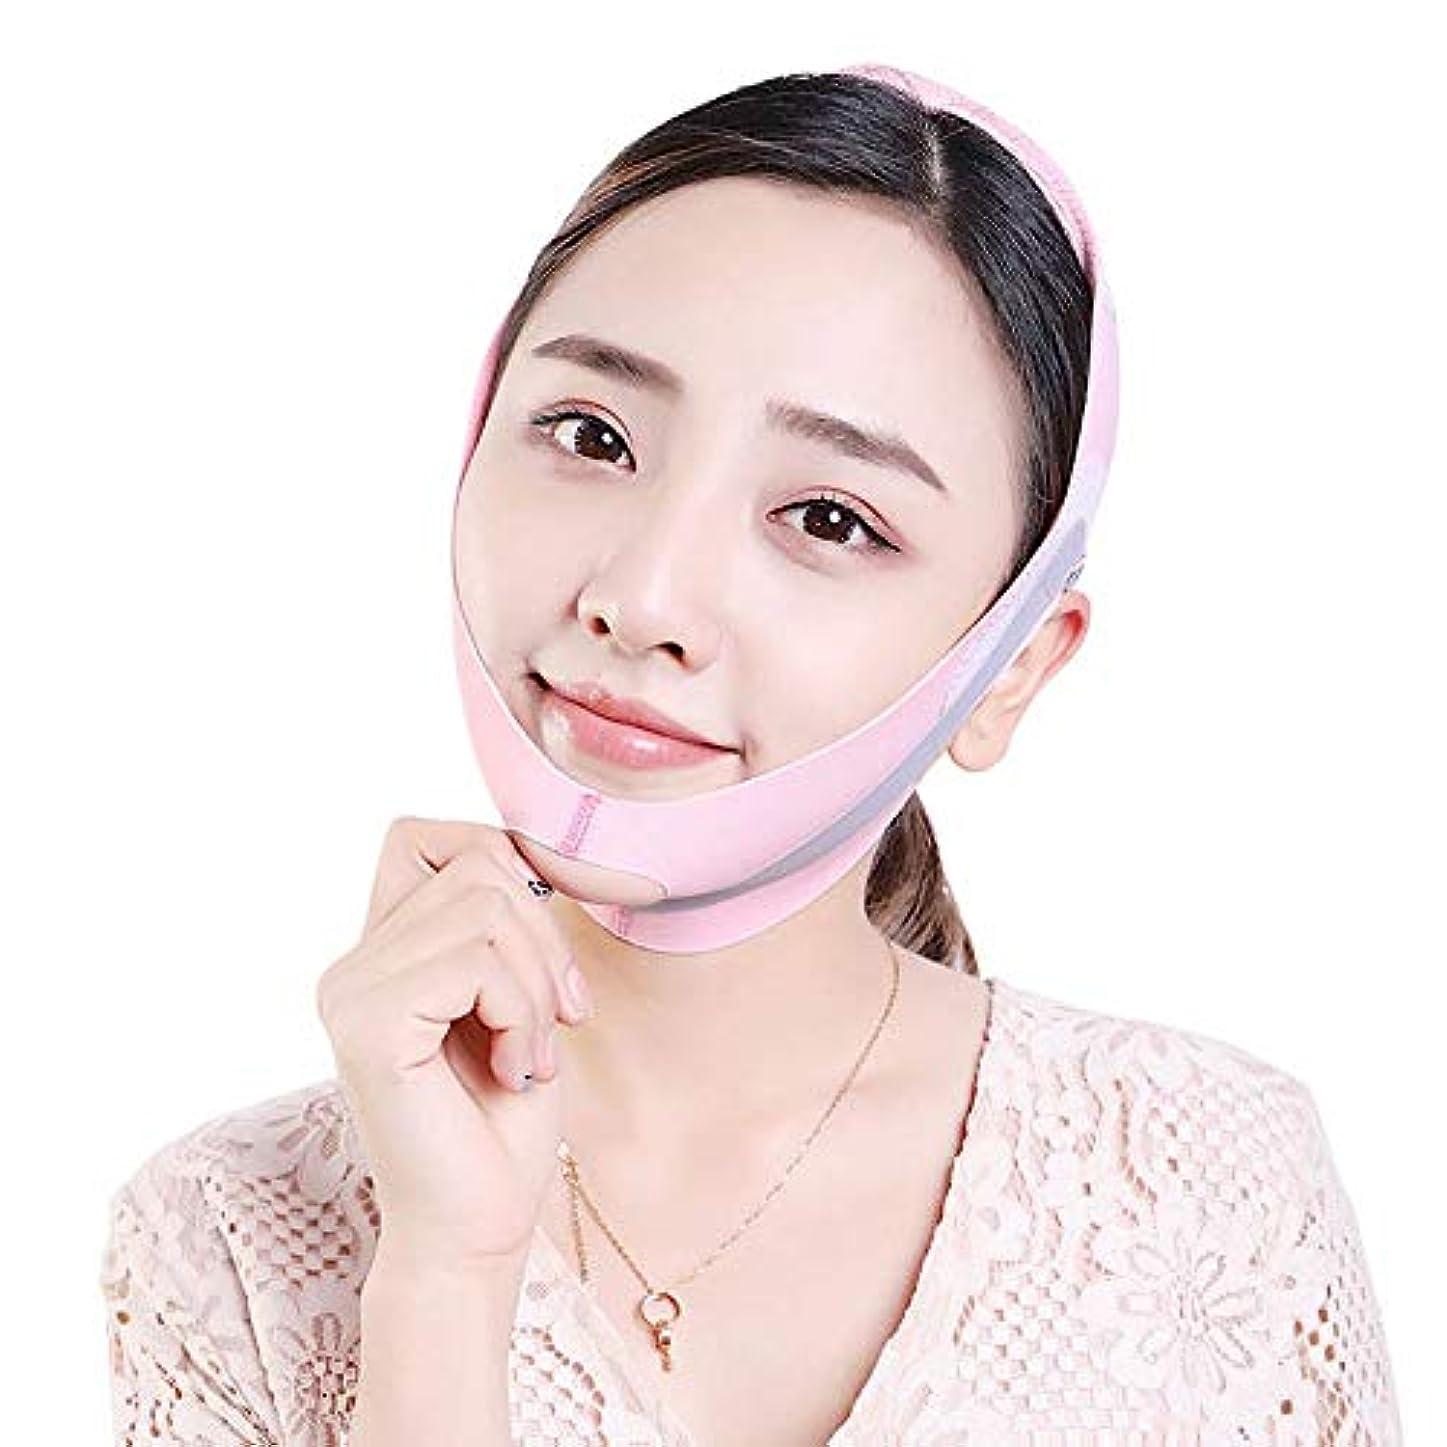 必要運営試みたるみを防ぐために顔を持ち上げるために筋肉を引き締めるために二重あごのステッカーとラインを削除するために、顔を持ち上げるアーティファクト包帯があります - ピンク